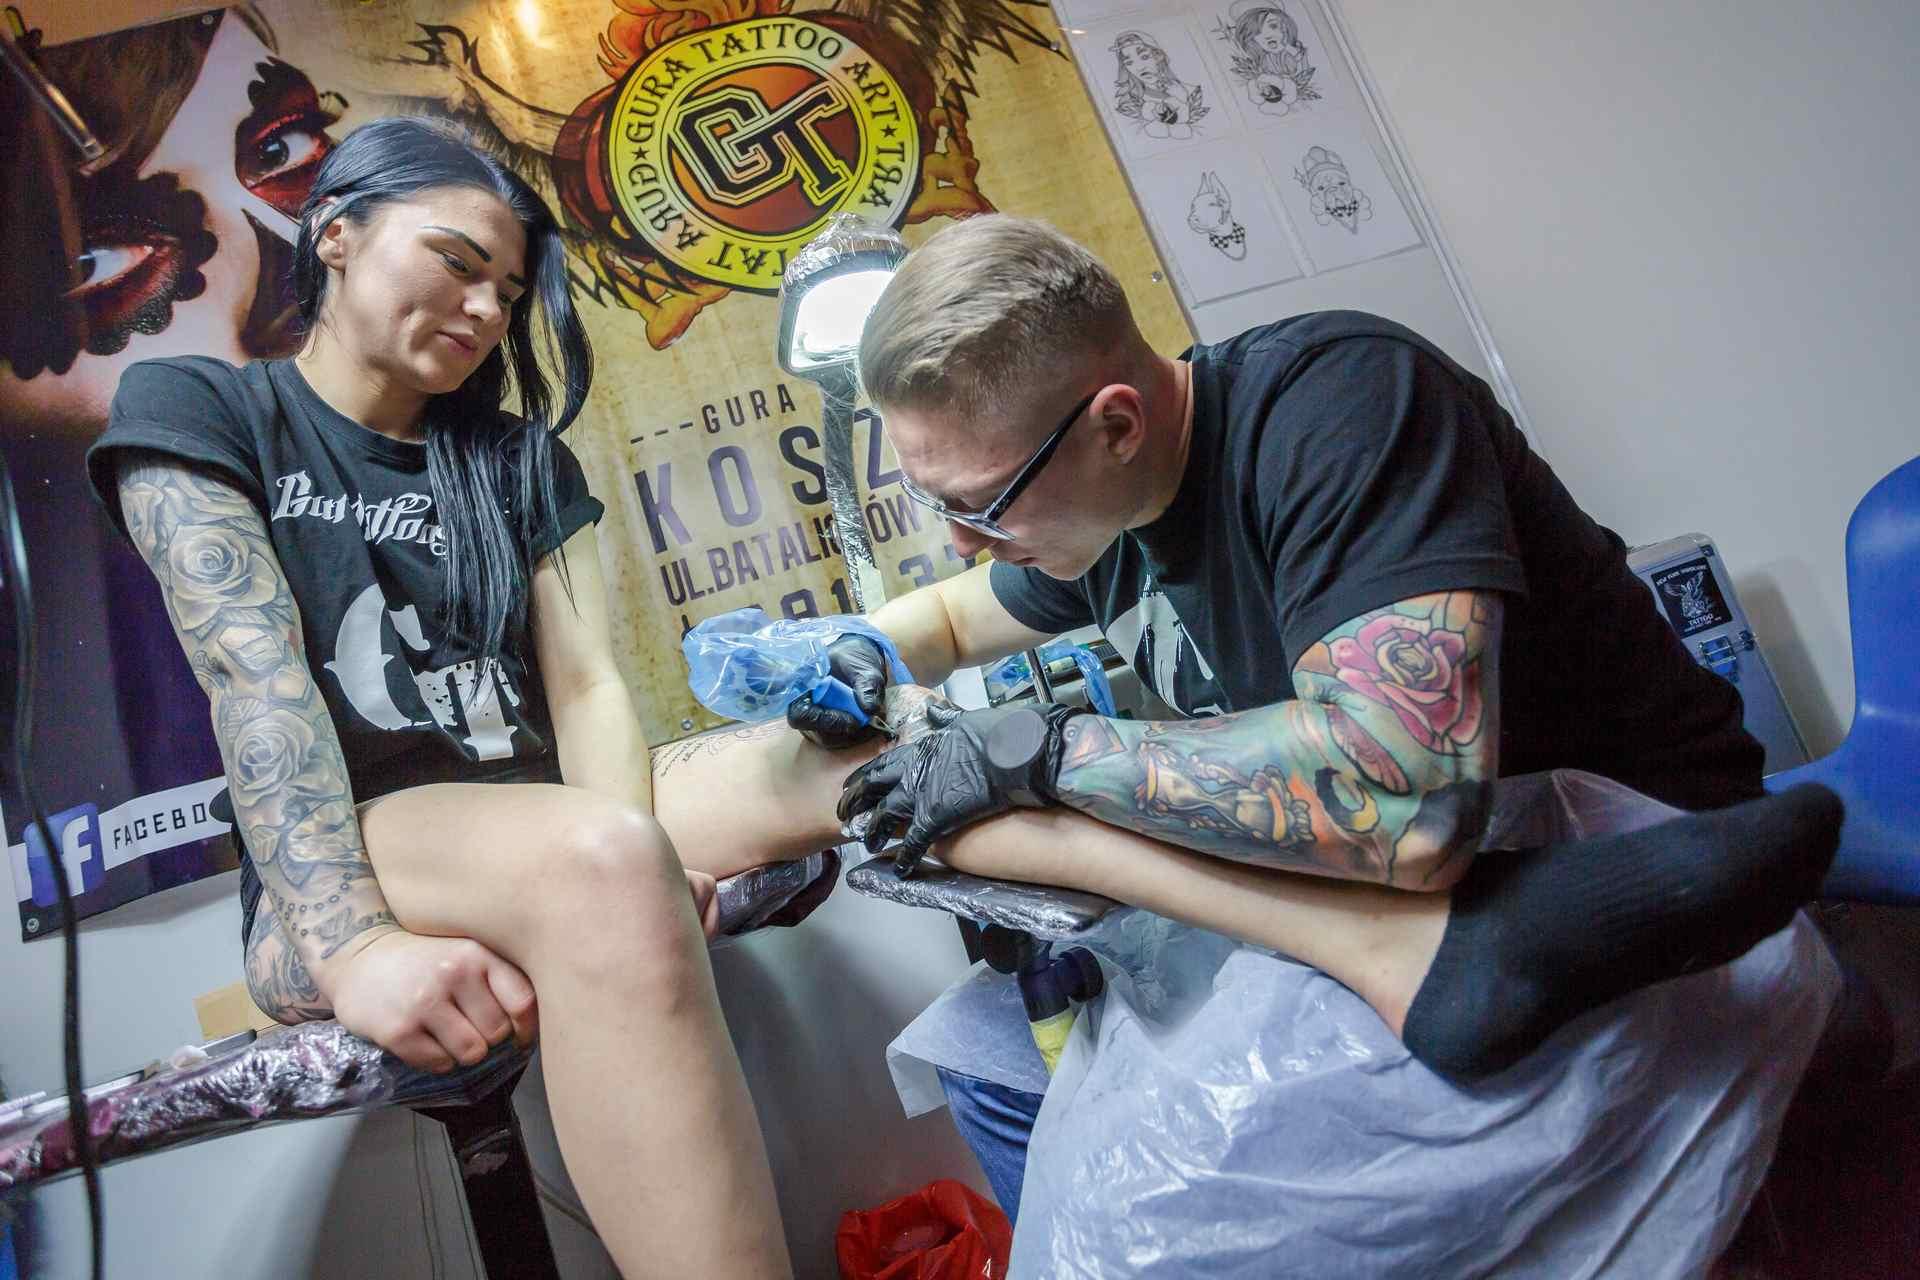 Reportaż z konwentu tatuażu Koszalink 2016